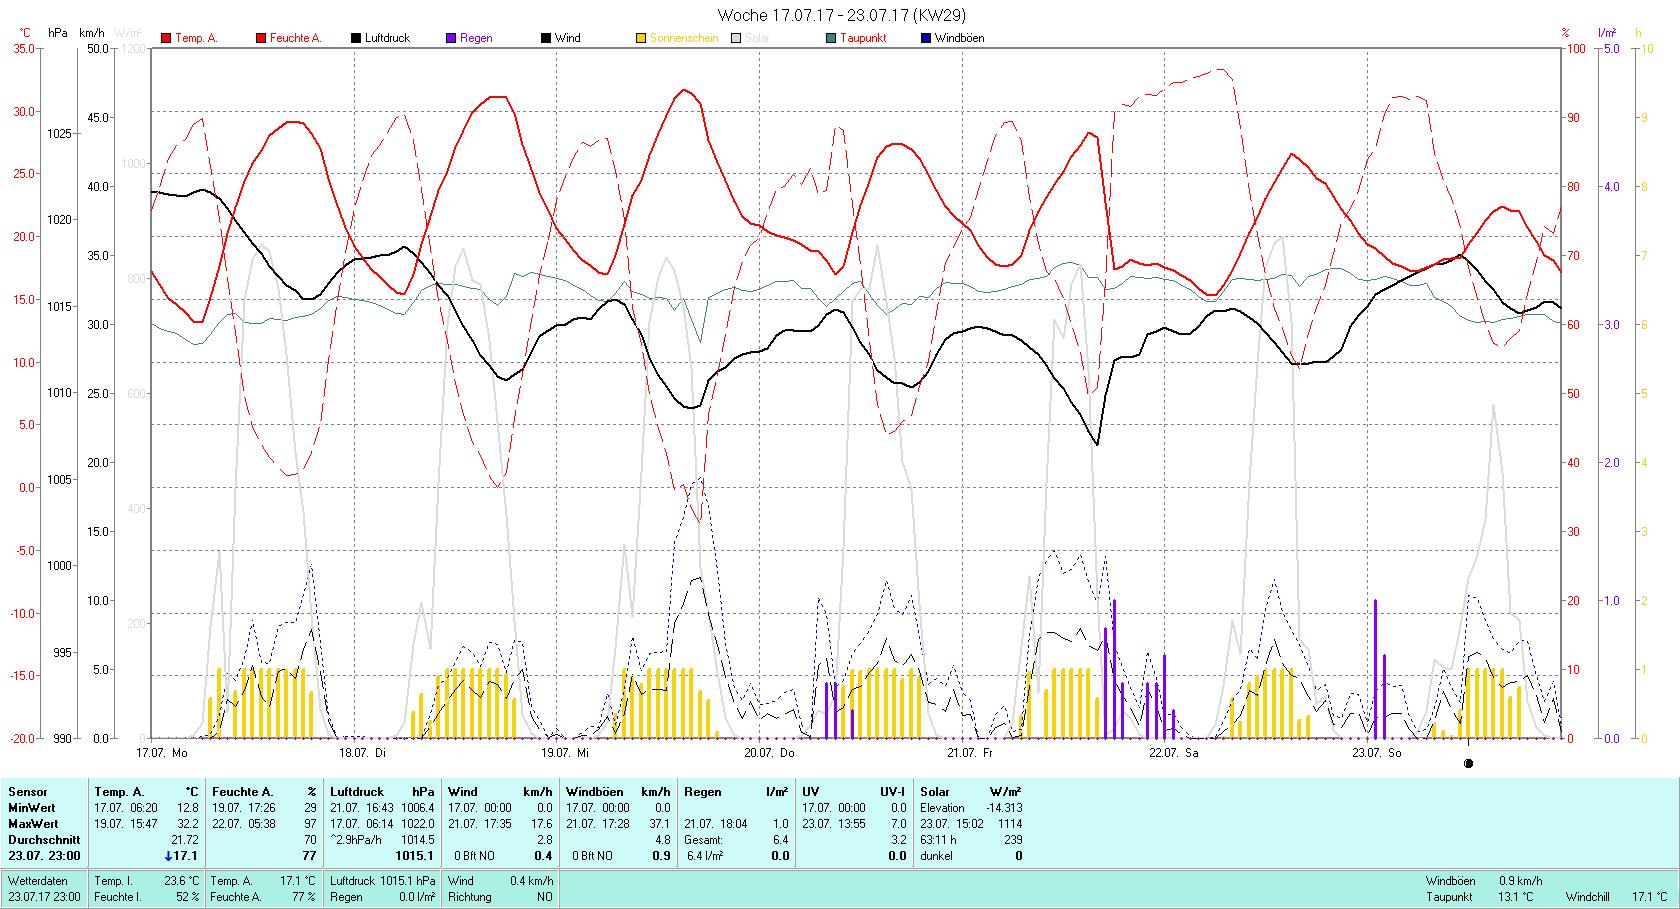 KW 29 Tmin 12.8°C, Tmax 32.2°C, Sonne 63:11 h Niederschlag 6.4 mm2